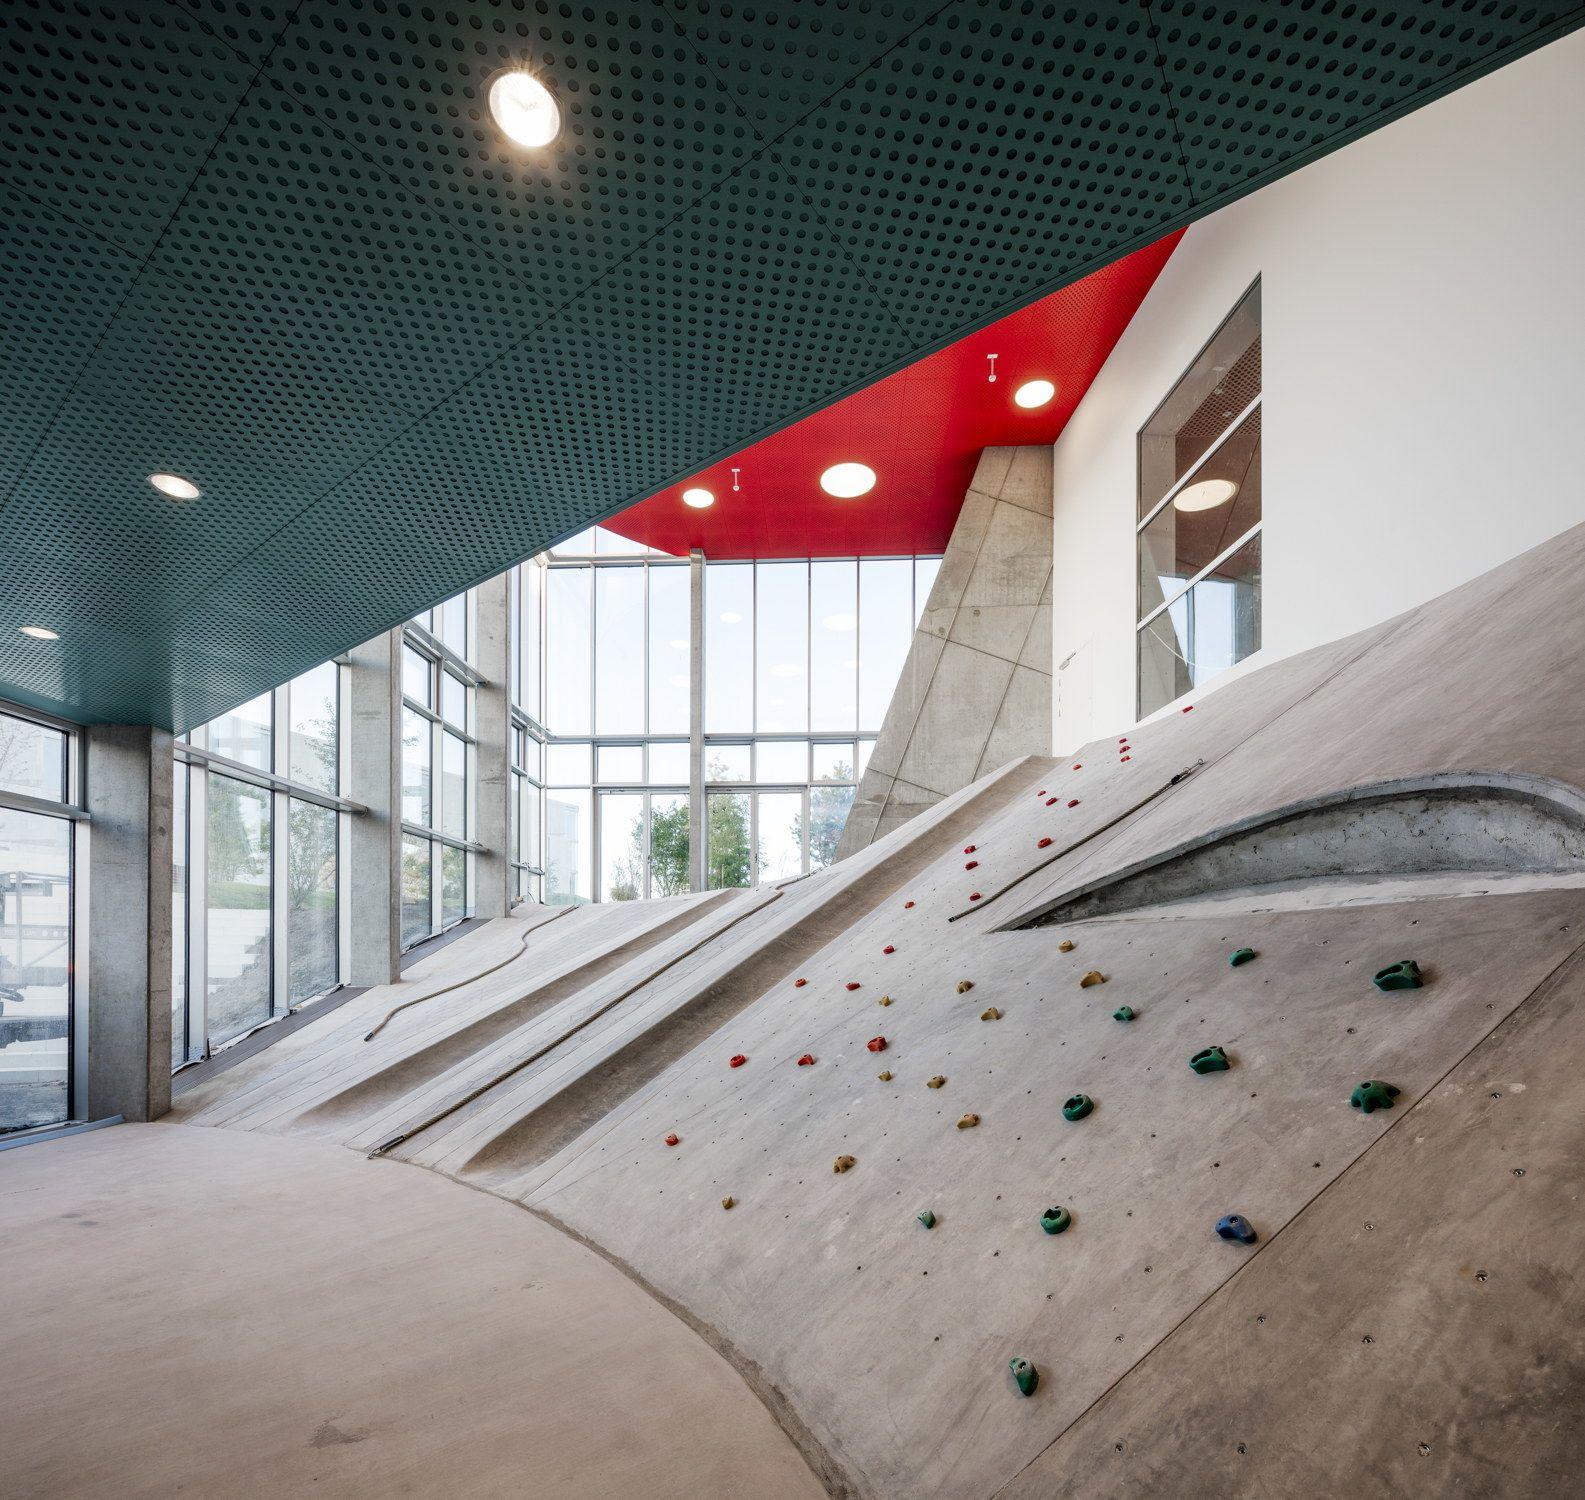 Energiebündel - Gemeindezentrum von MVRDV in Kopenhagen